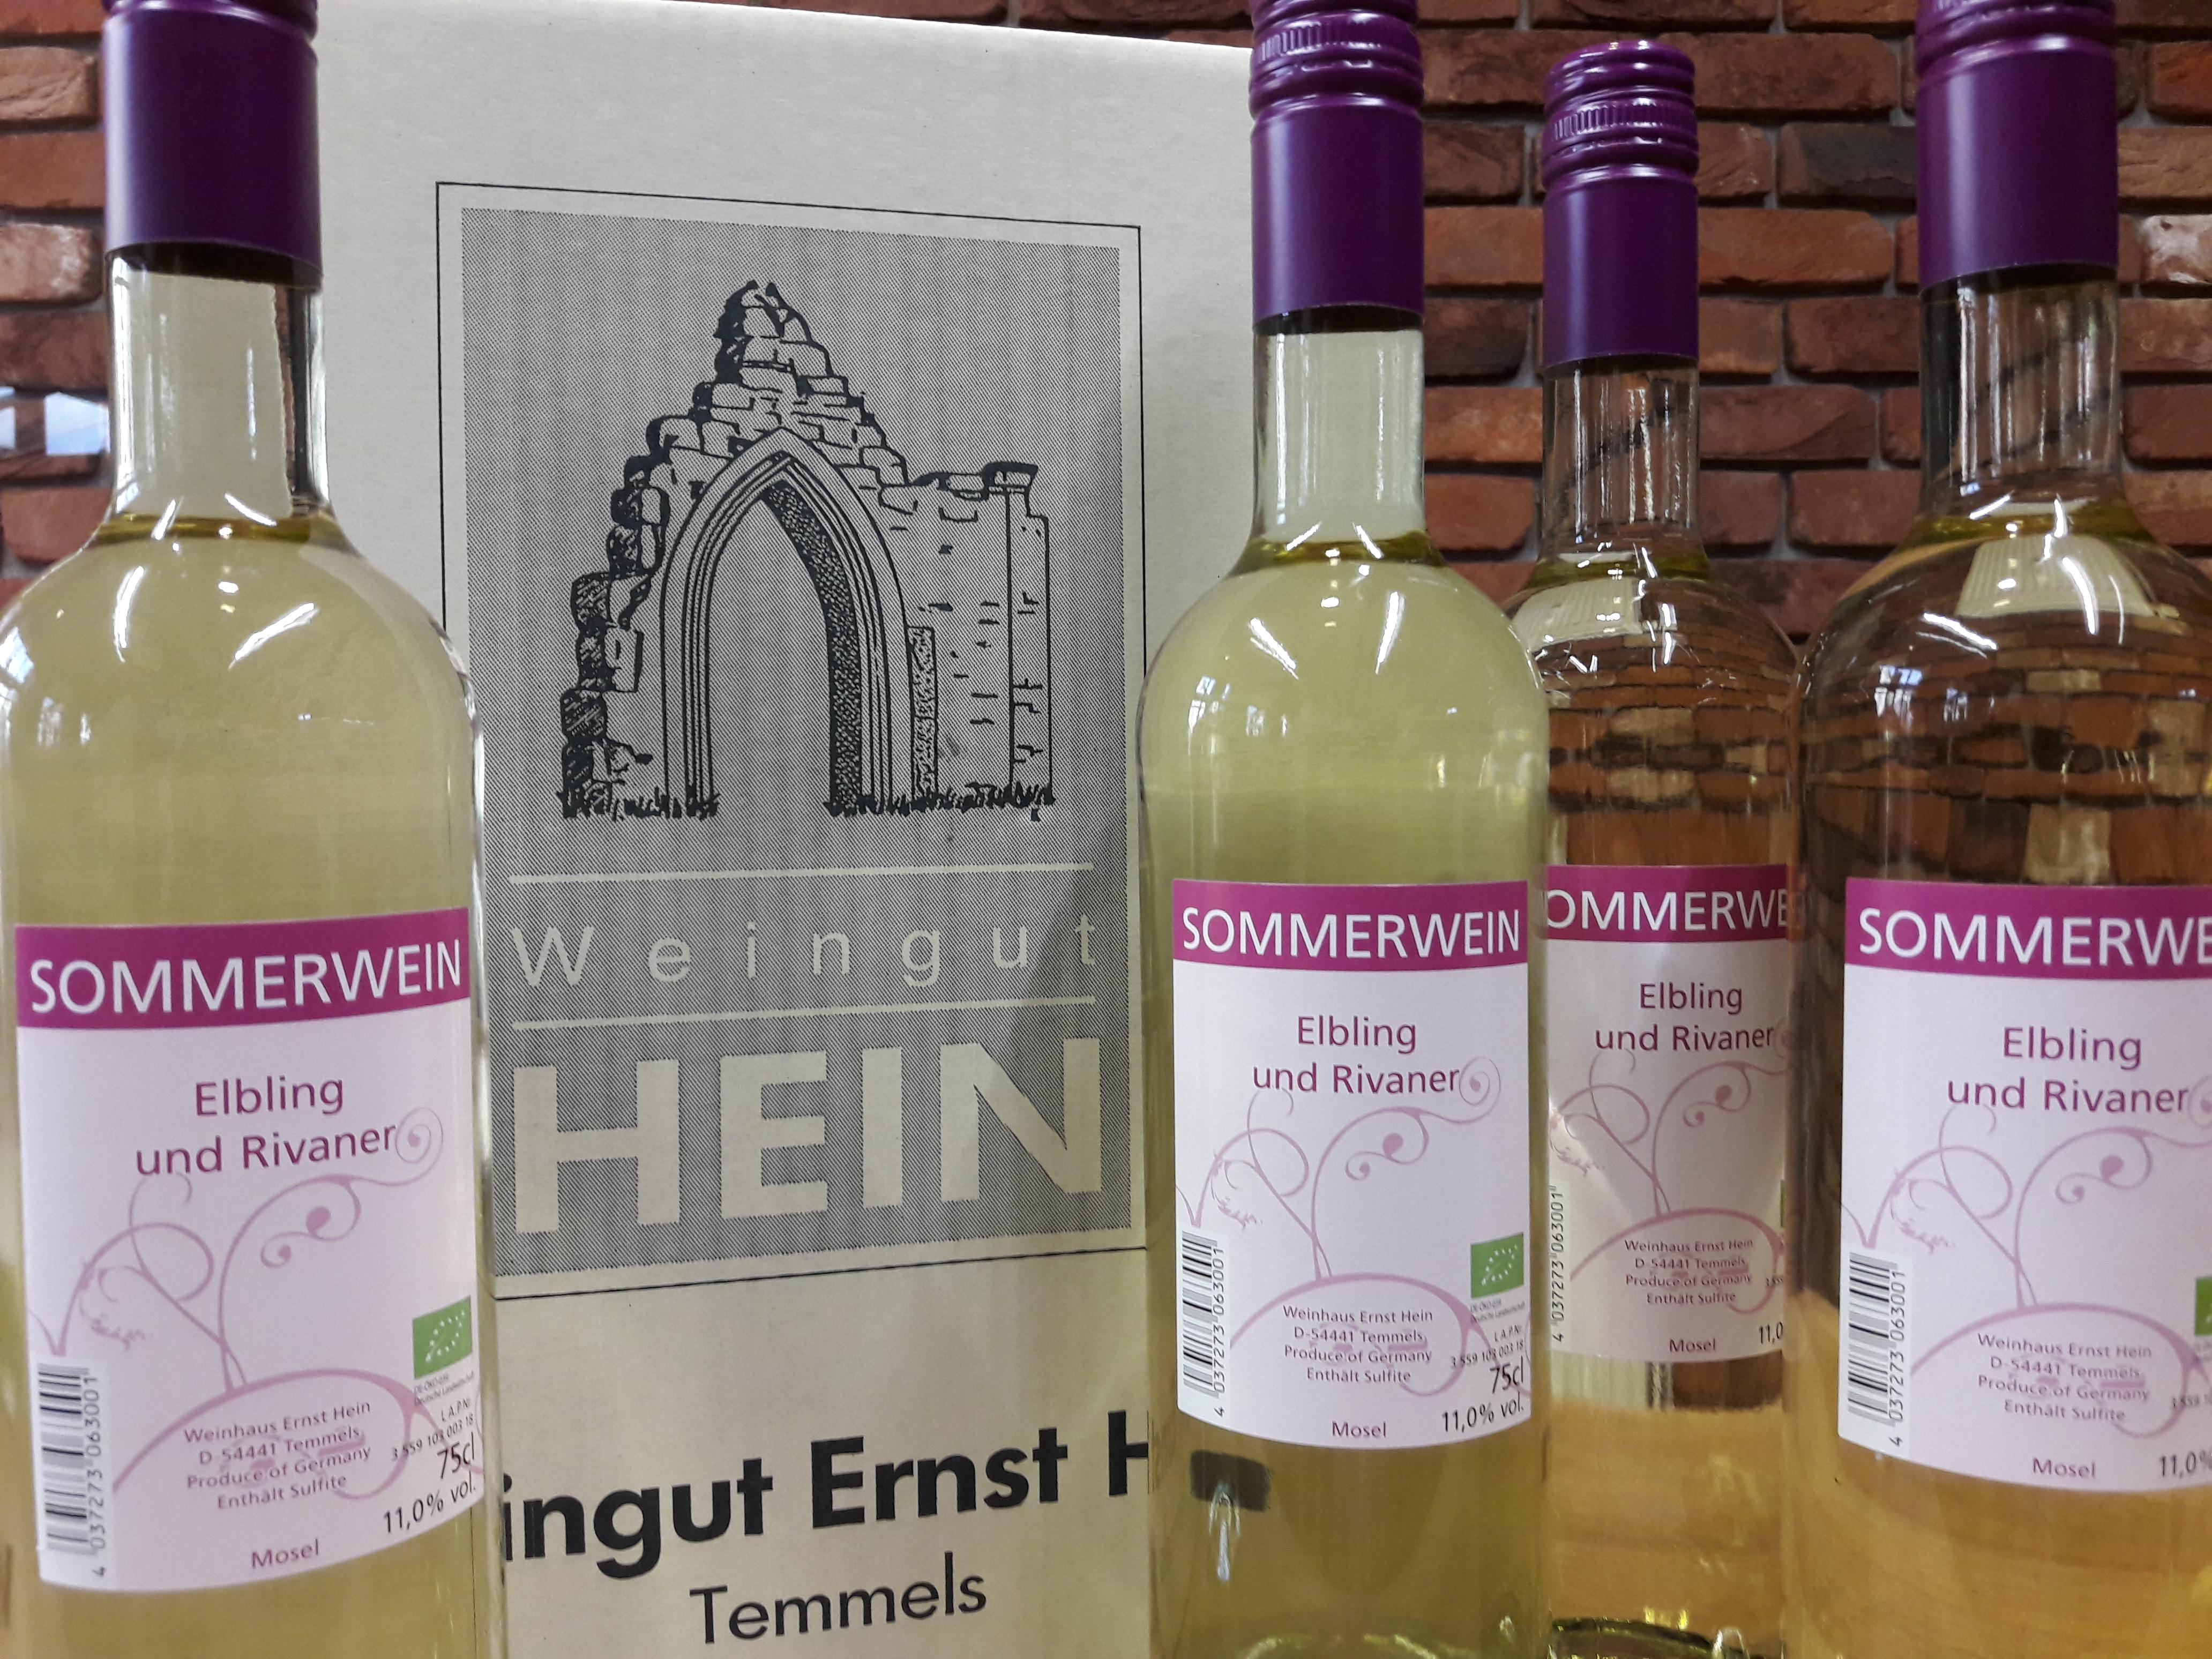 Sonne, Wärme, Weingenuss: der fruchtig-spritzige Bio-Sommerwein aus dem Weinhaus Ernst Hein ist eingetroffen!